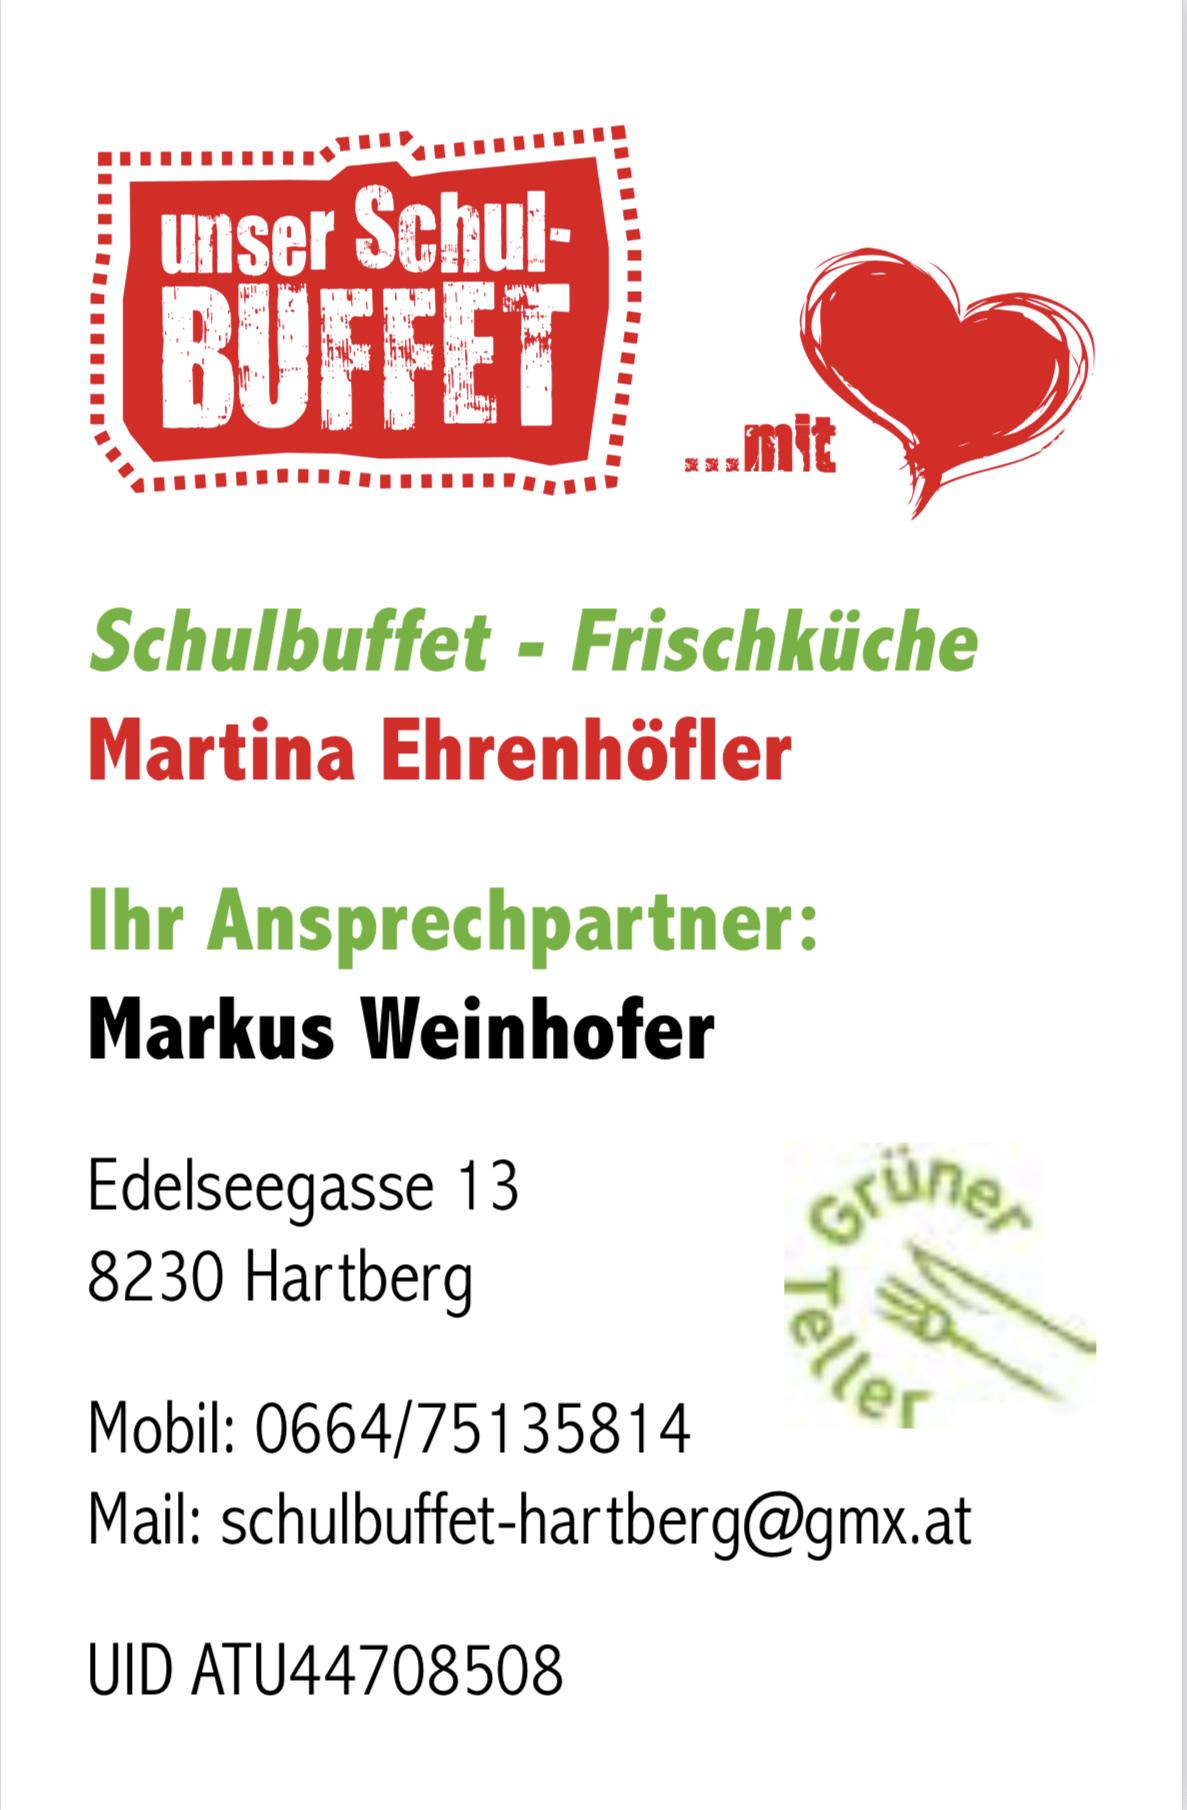 Schulbuffet - Martina Ehrenhöfer